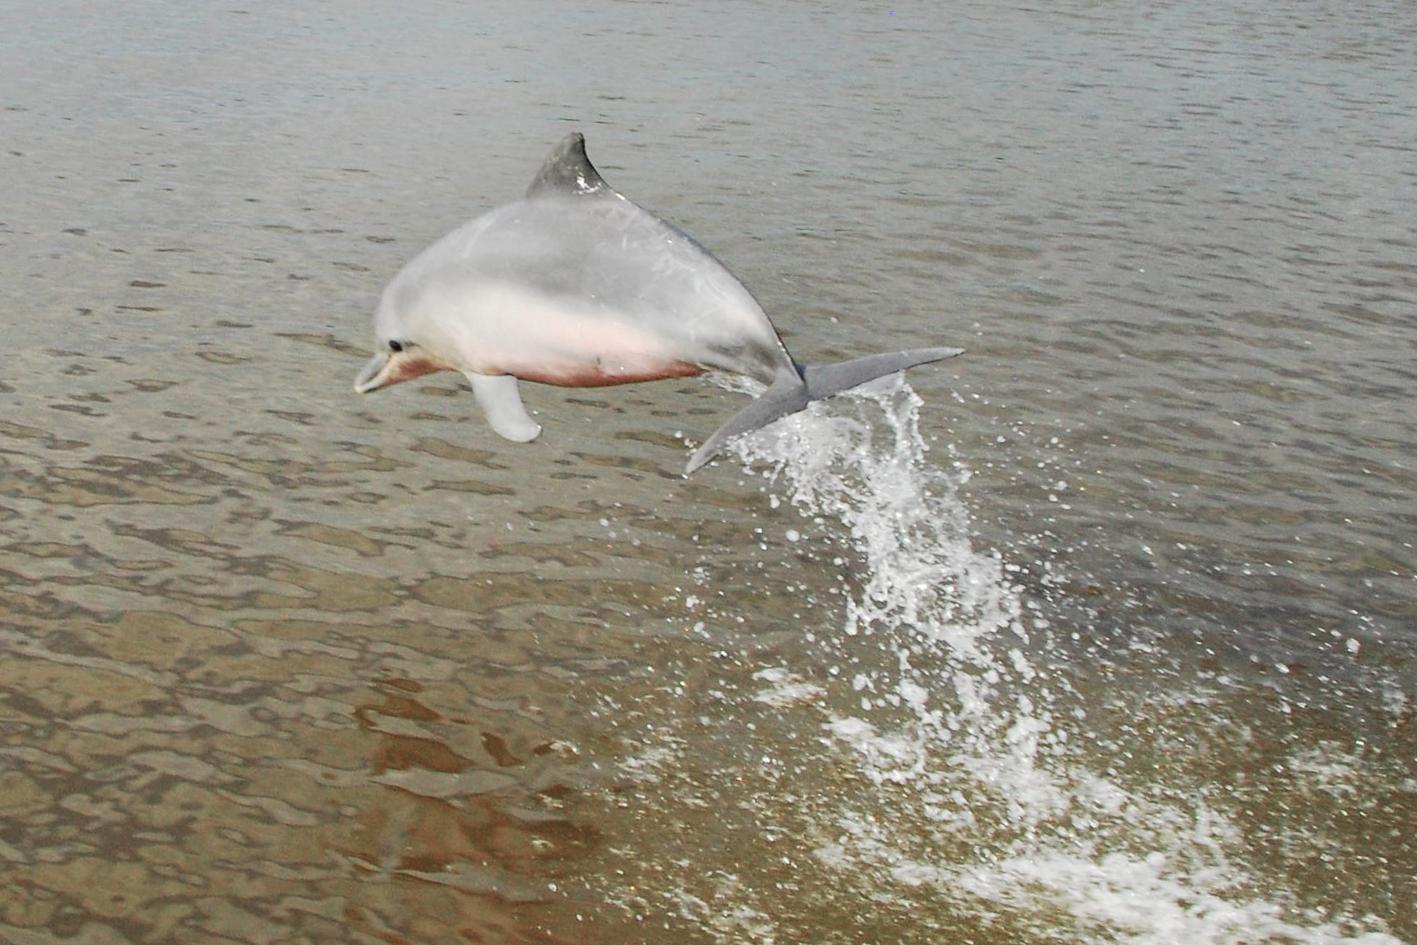 dolfijn jump tyi.jpg